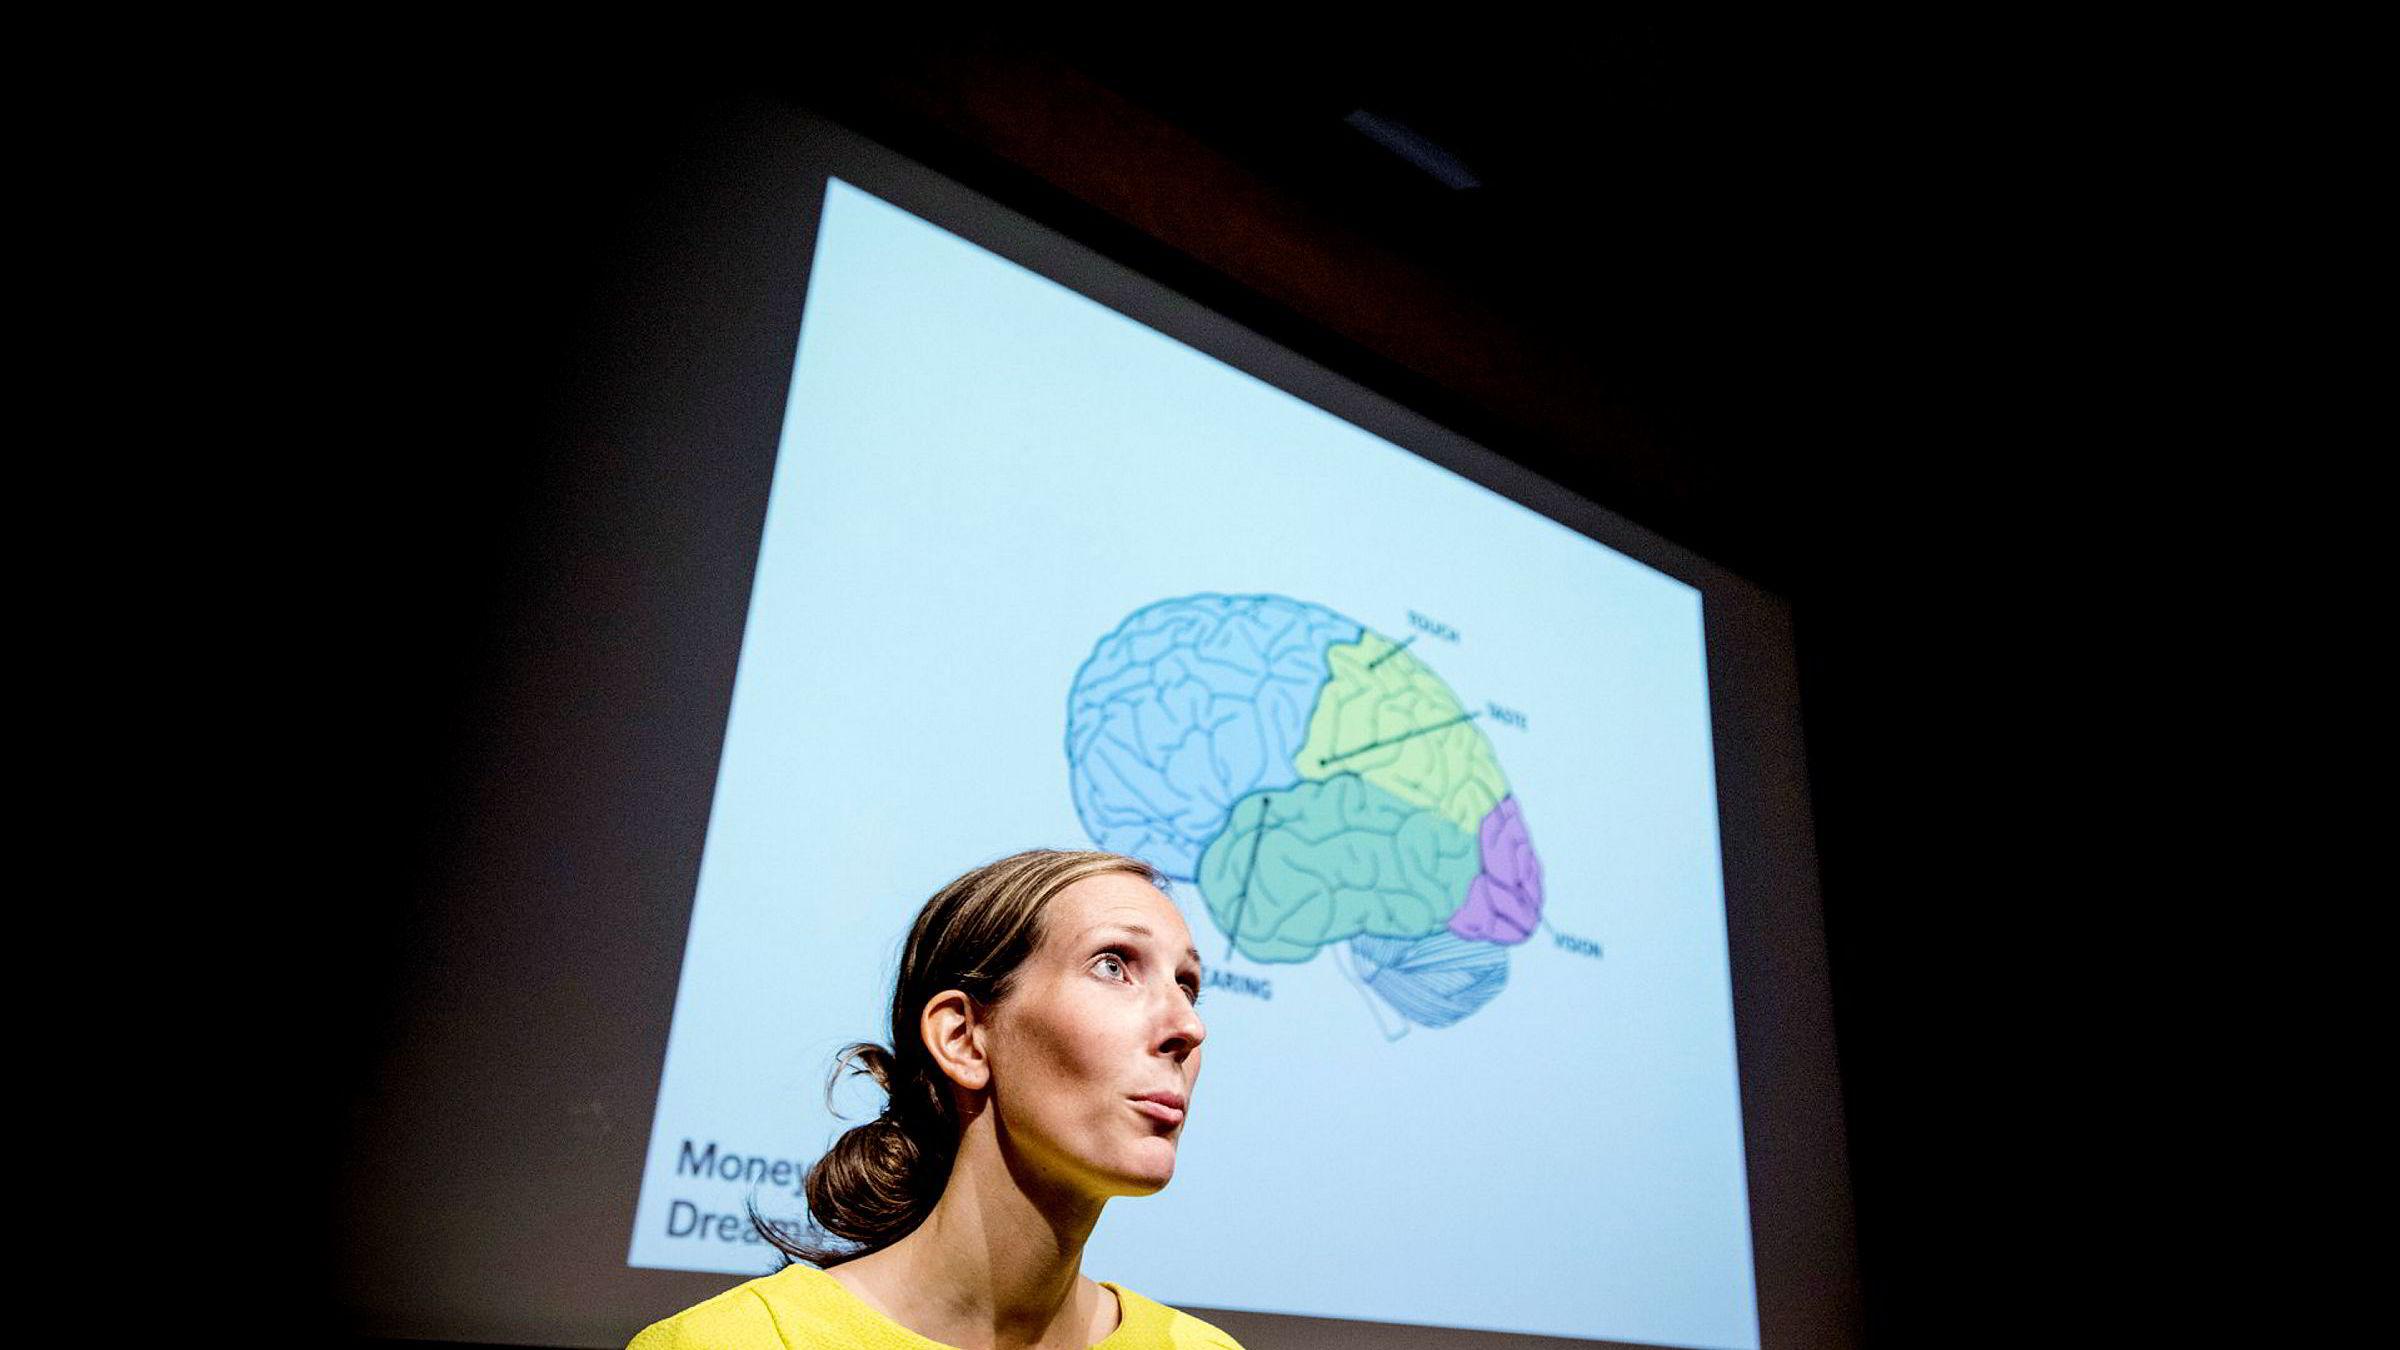 Hjerneforsker Elin Helander i selskapet MoneyMind forsker på hvordan man «lure» hjernen til spare mer til pensjon.